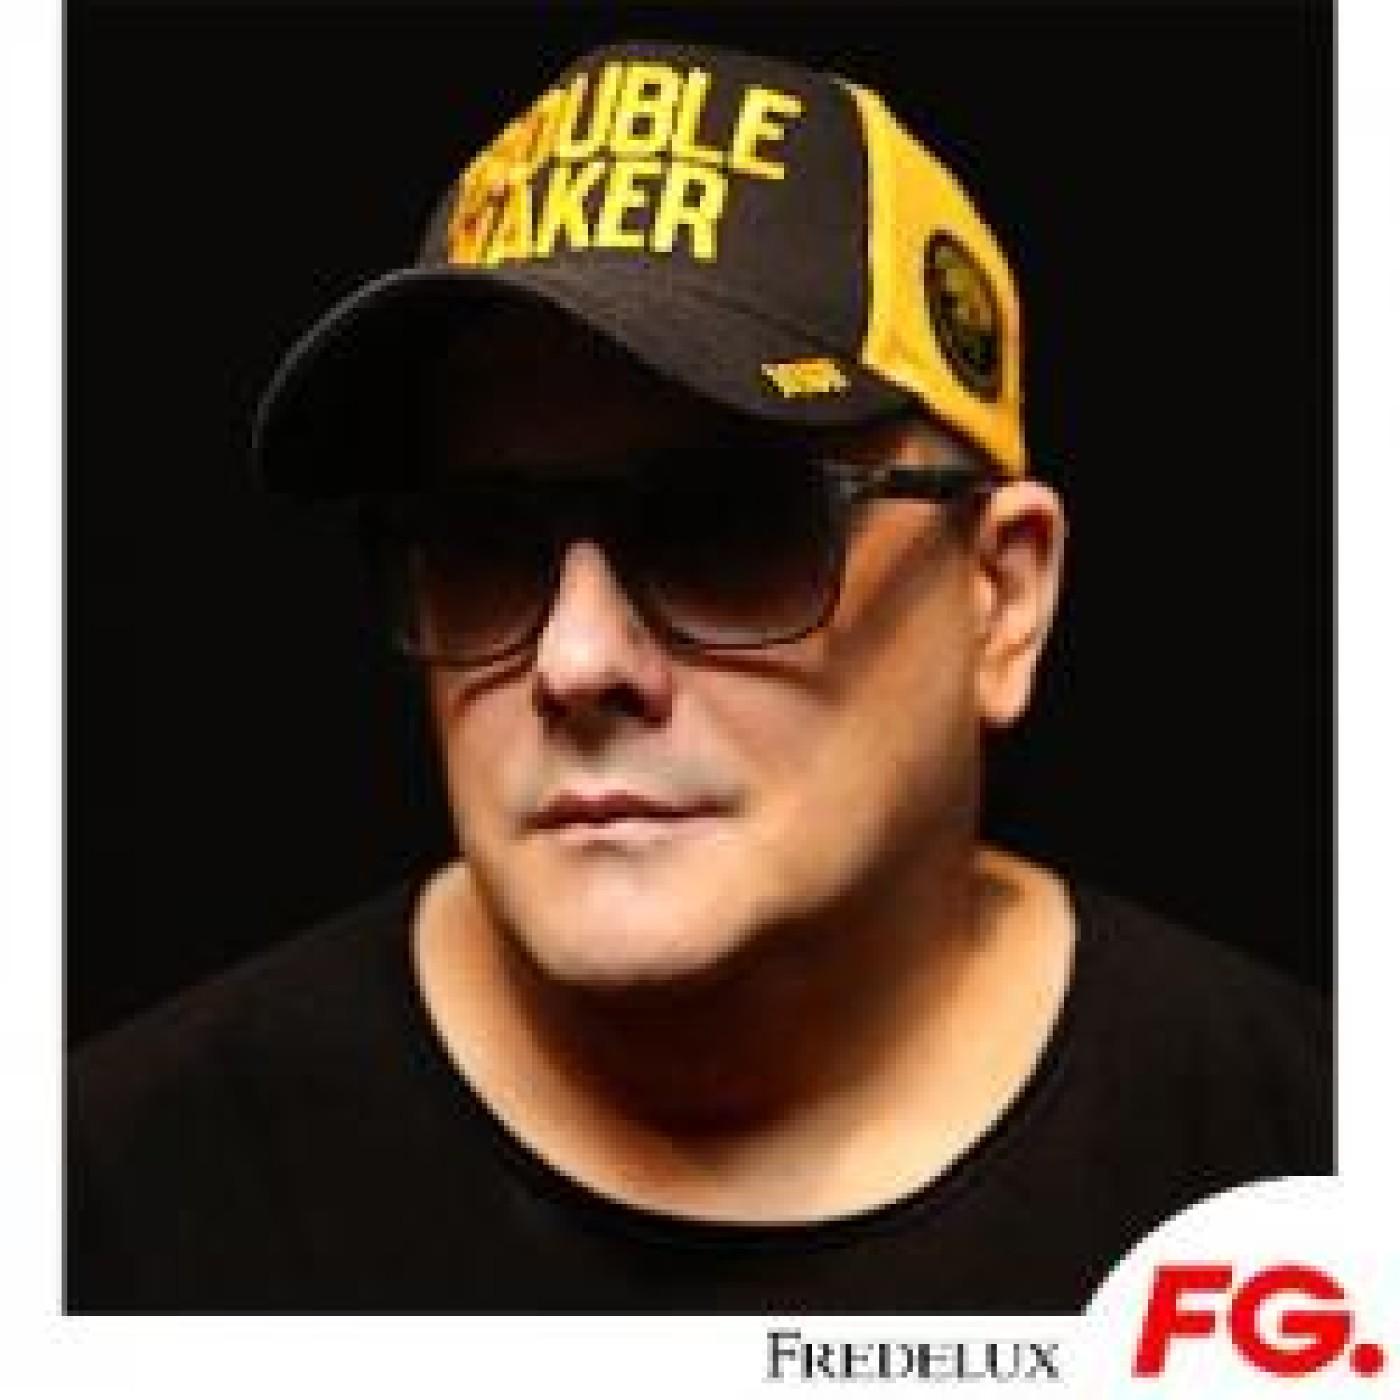 CLUB FG : FREDELUX